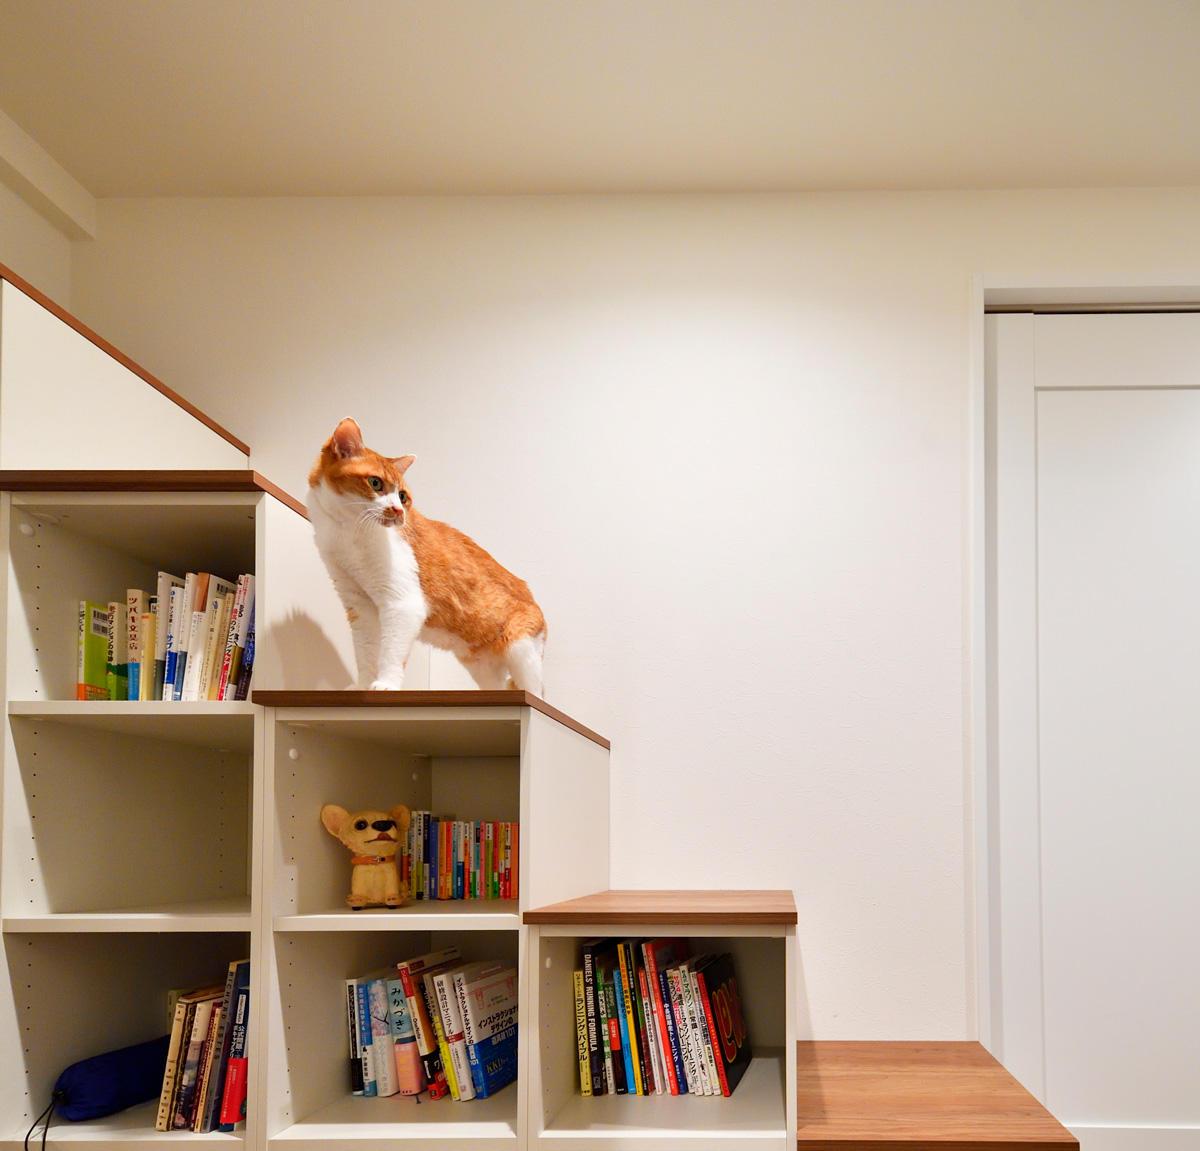 ワンルームとして使える贅沢な空間。愛猫とのゆとりある暮らし